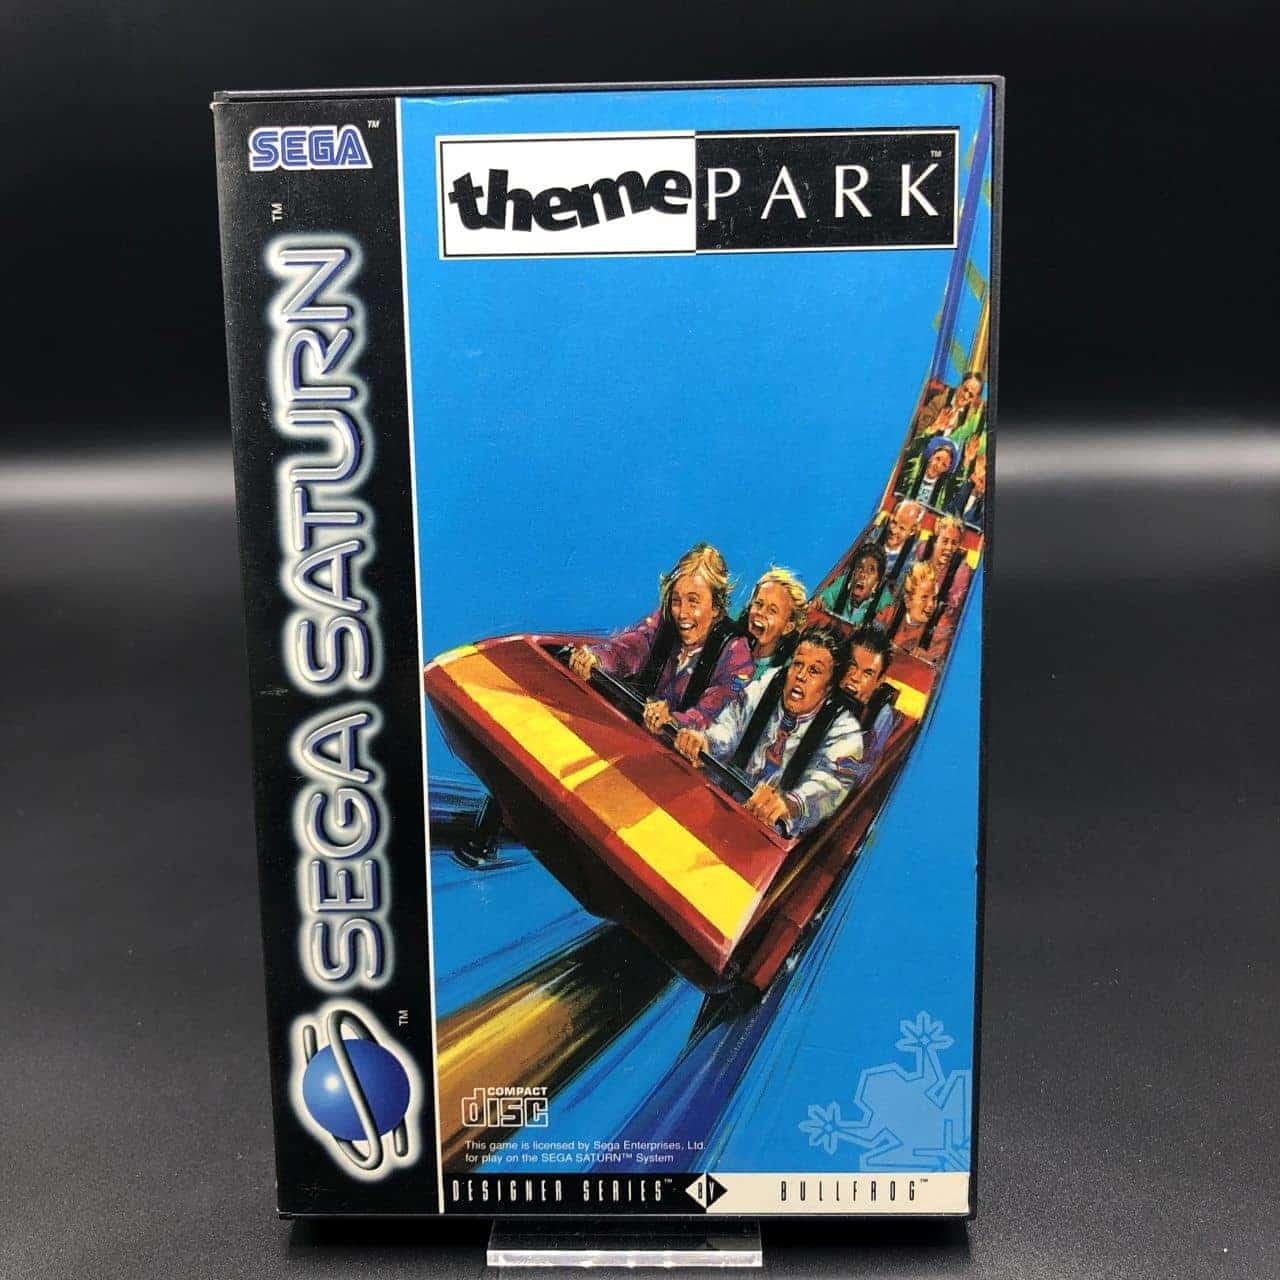 Theme Park (ohne Anleitung) (Sehr gut) Sega Saturn